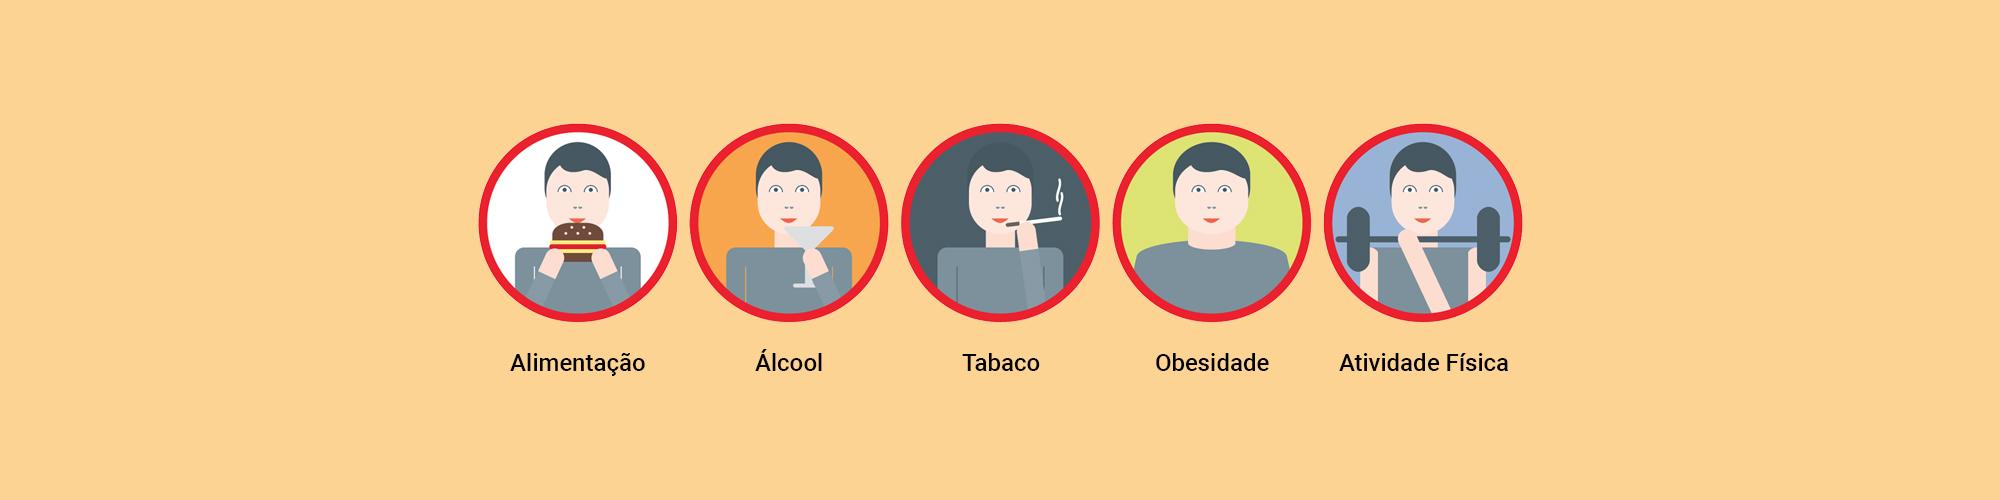 Atividade Física / Alimentação / Álcool / Tabaco / Obesidade